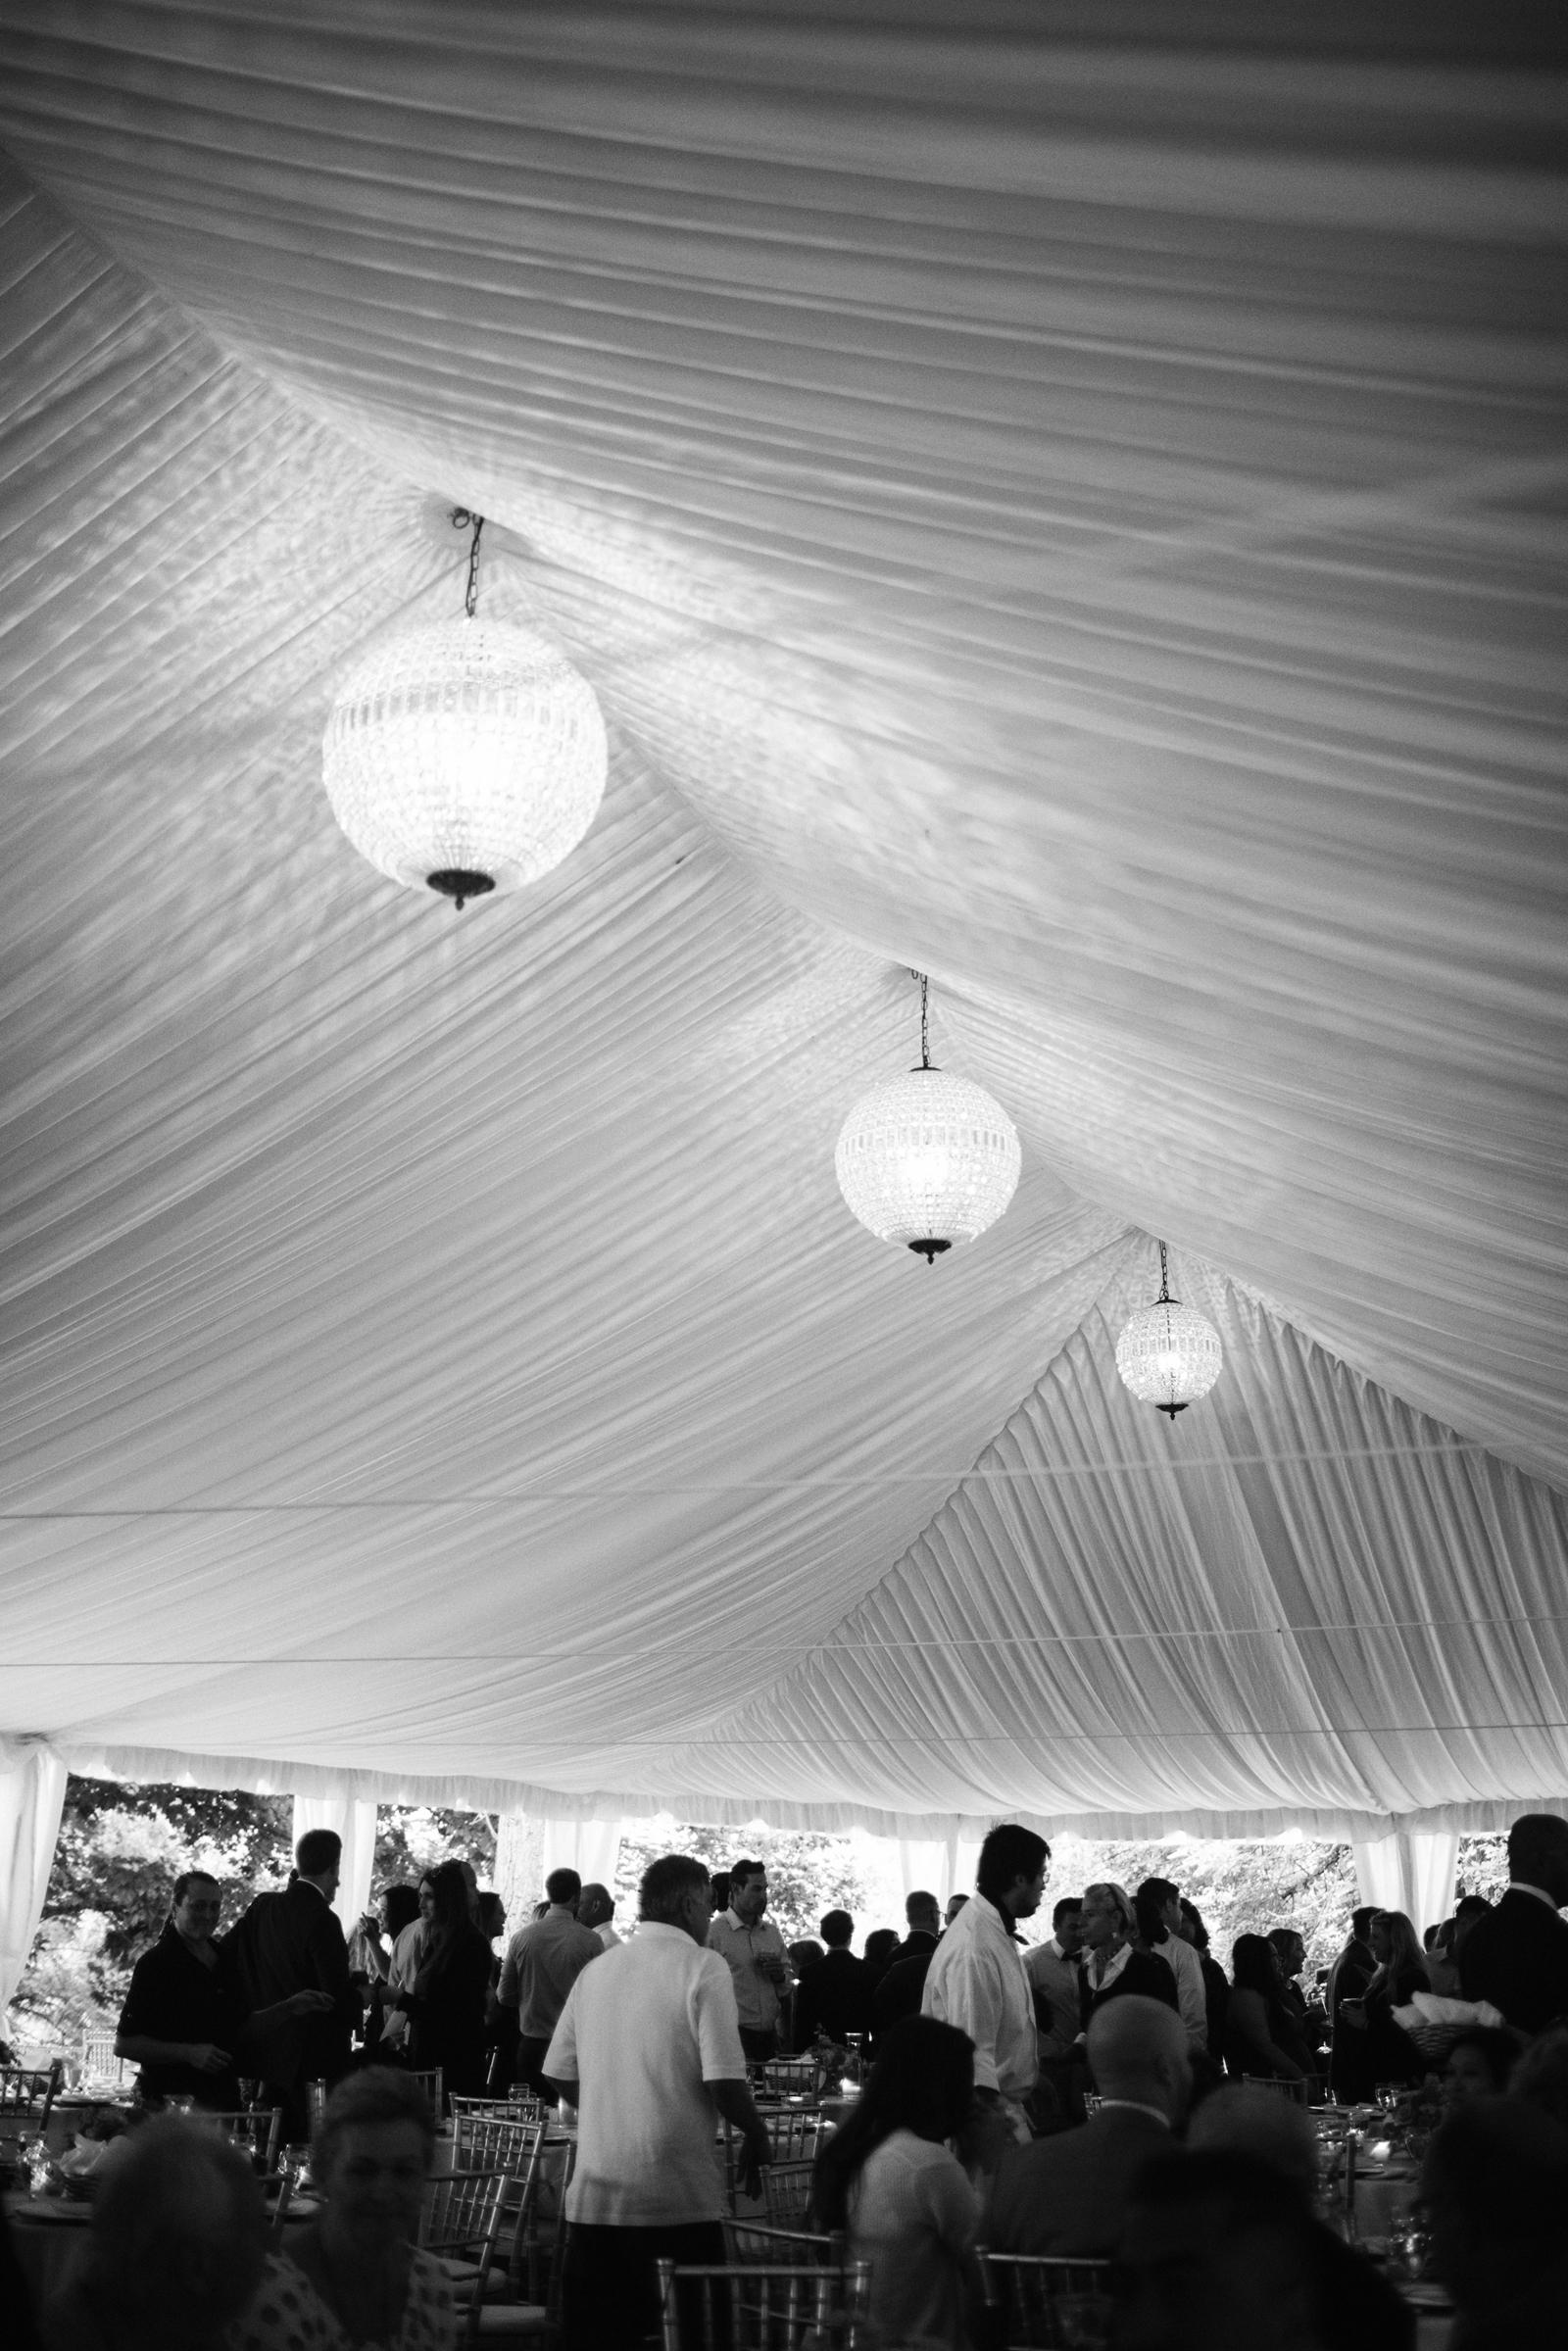 123-daronjackson-gabby-alec-wedding.jpg